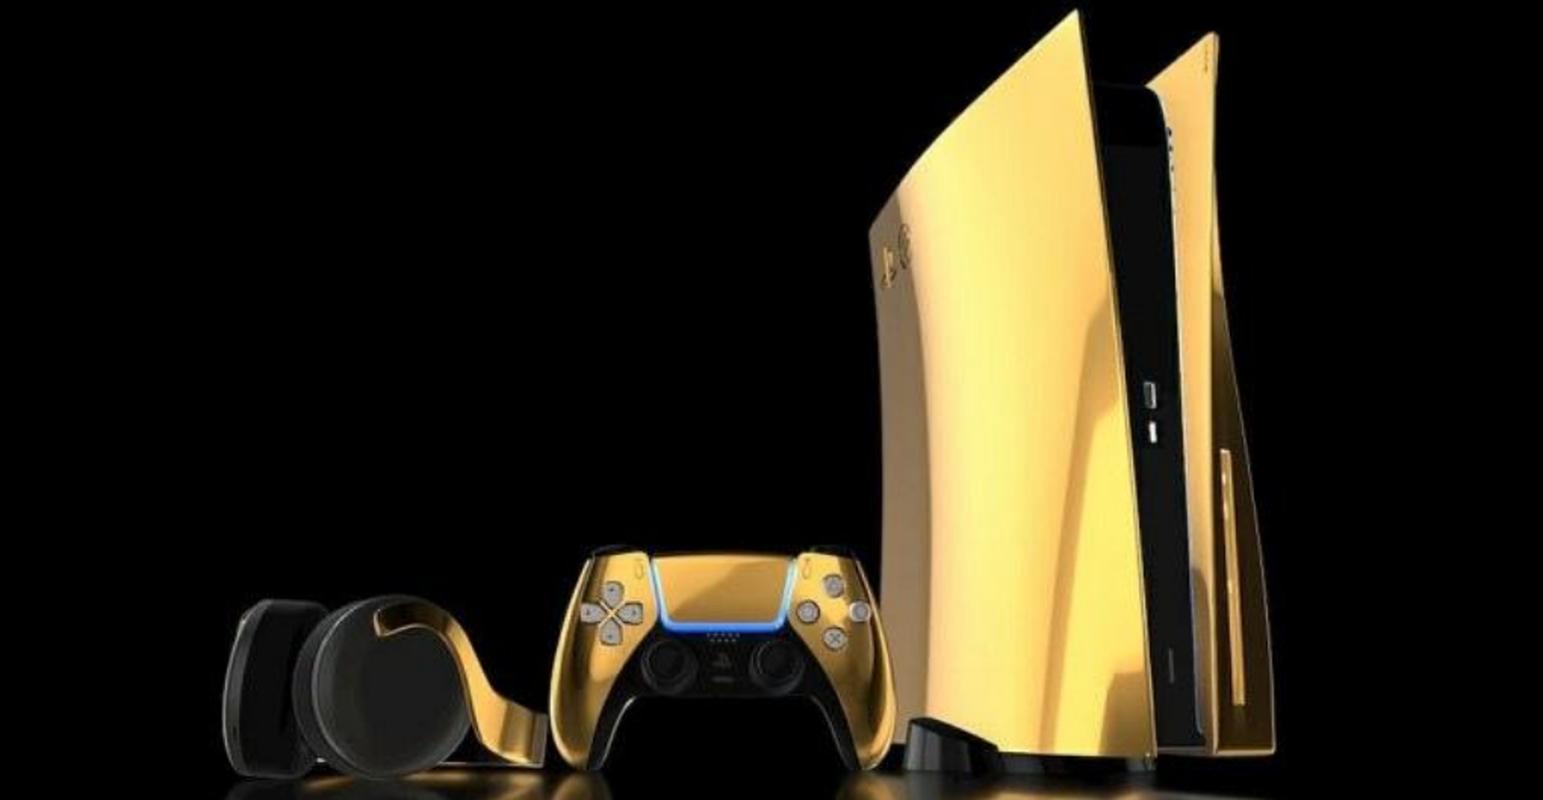 PS5 con chua co gia, co hang da rao ban PS5 ma vang gan 250 trieu-Hinh-3